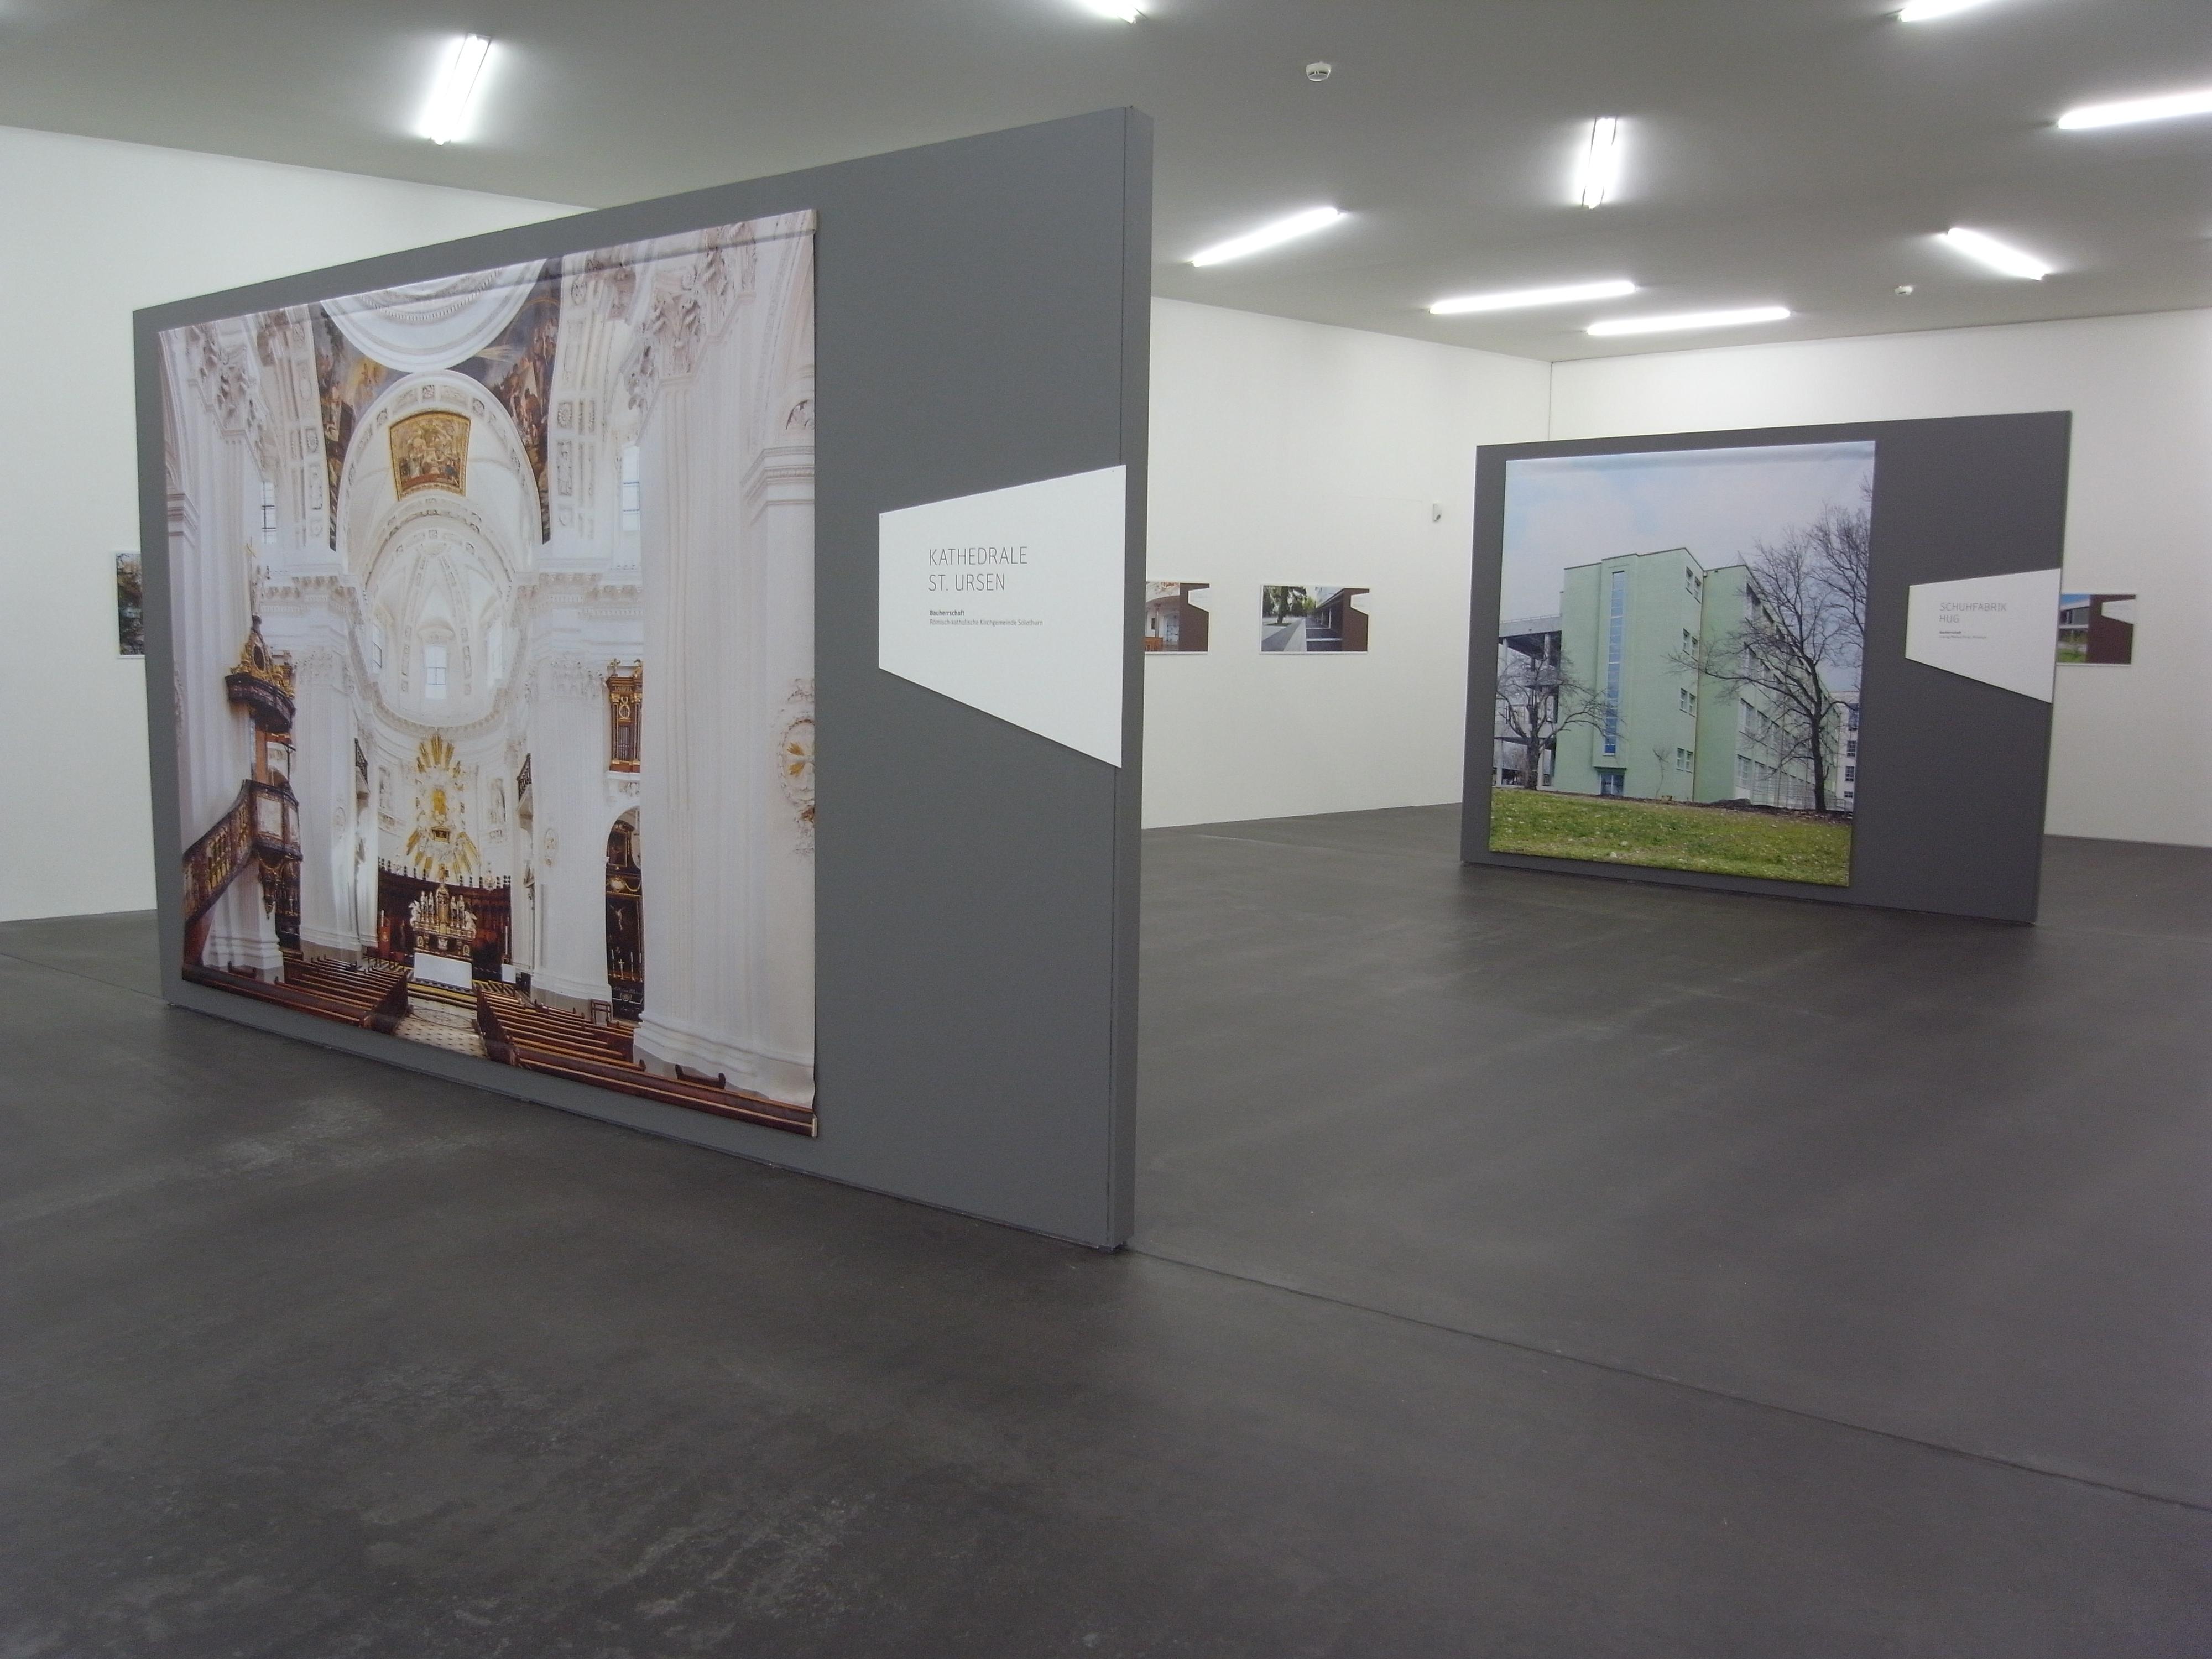 Architekturauszeichnungen 2013: Blick in die Ausstellung